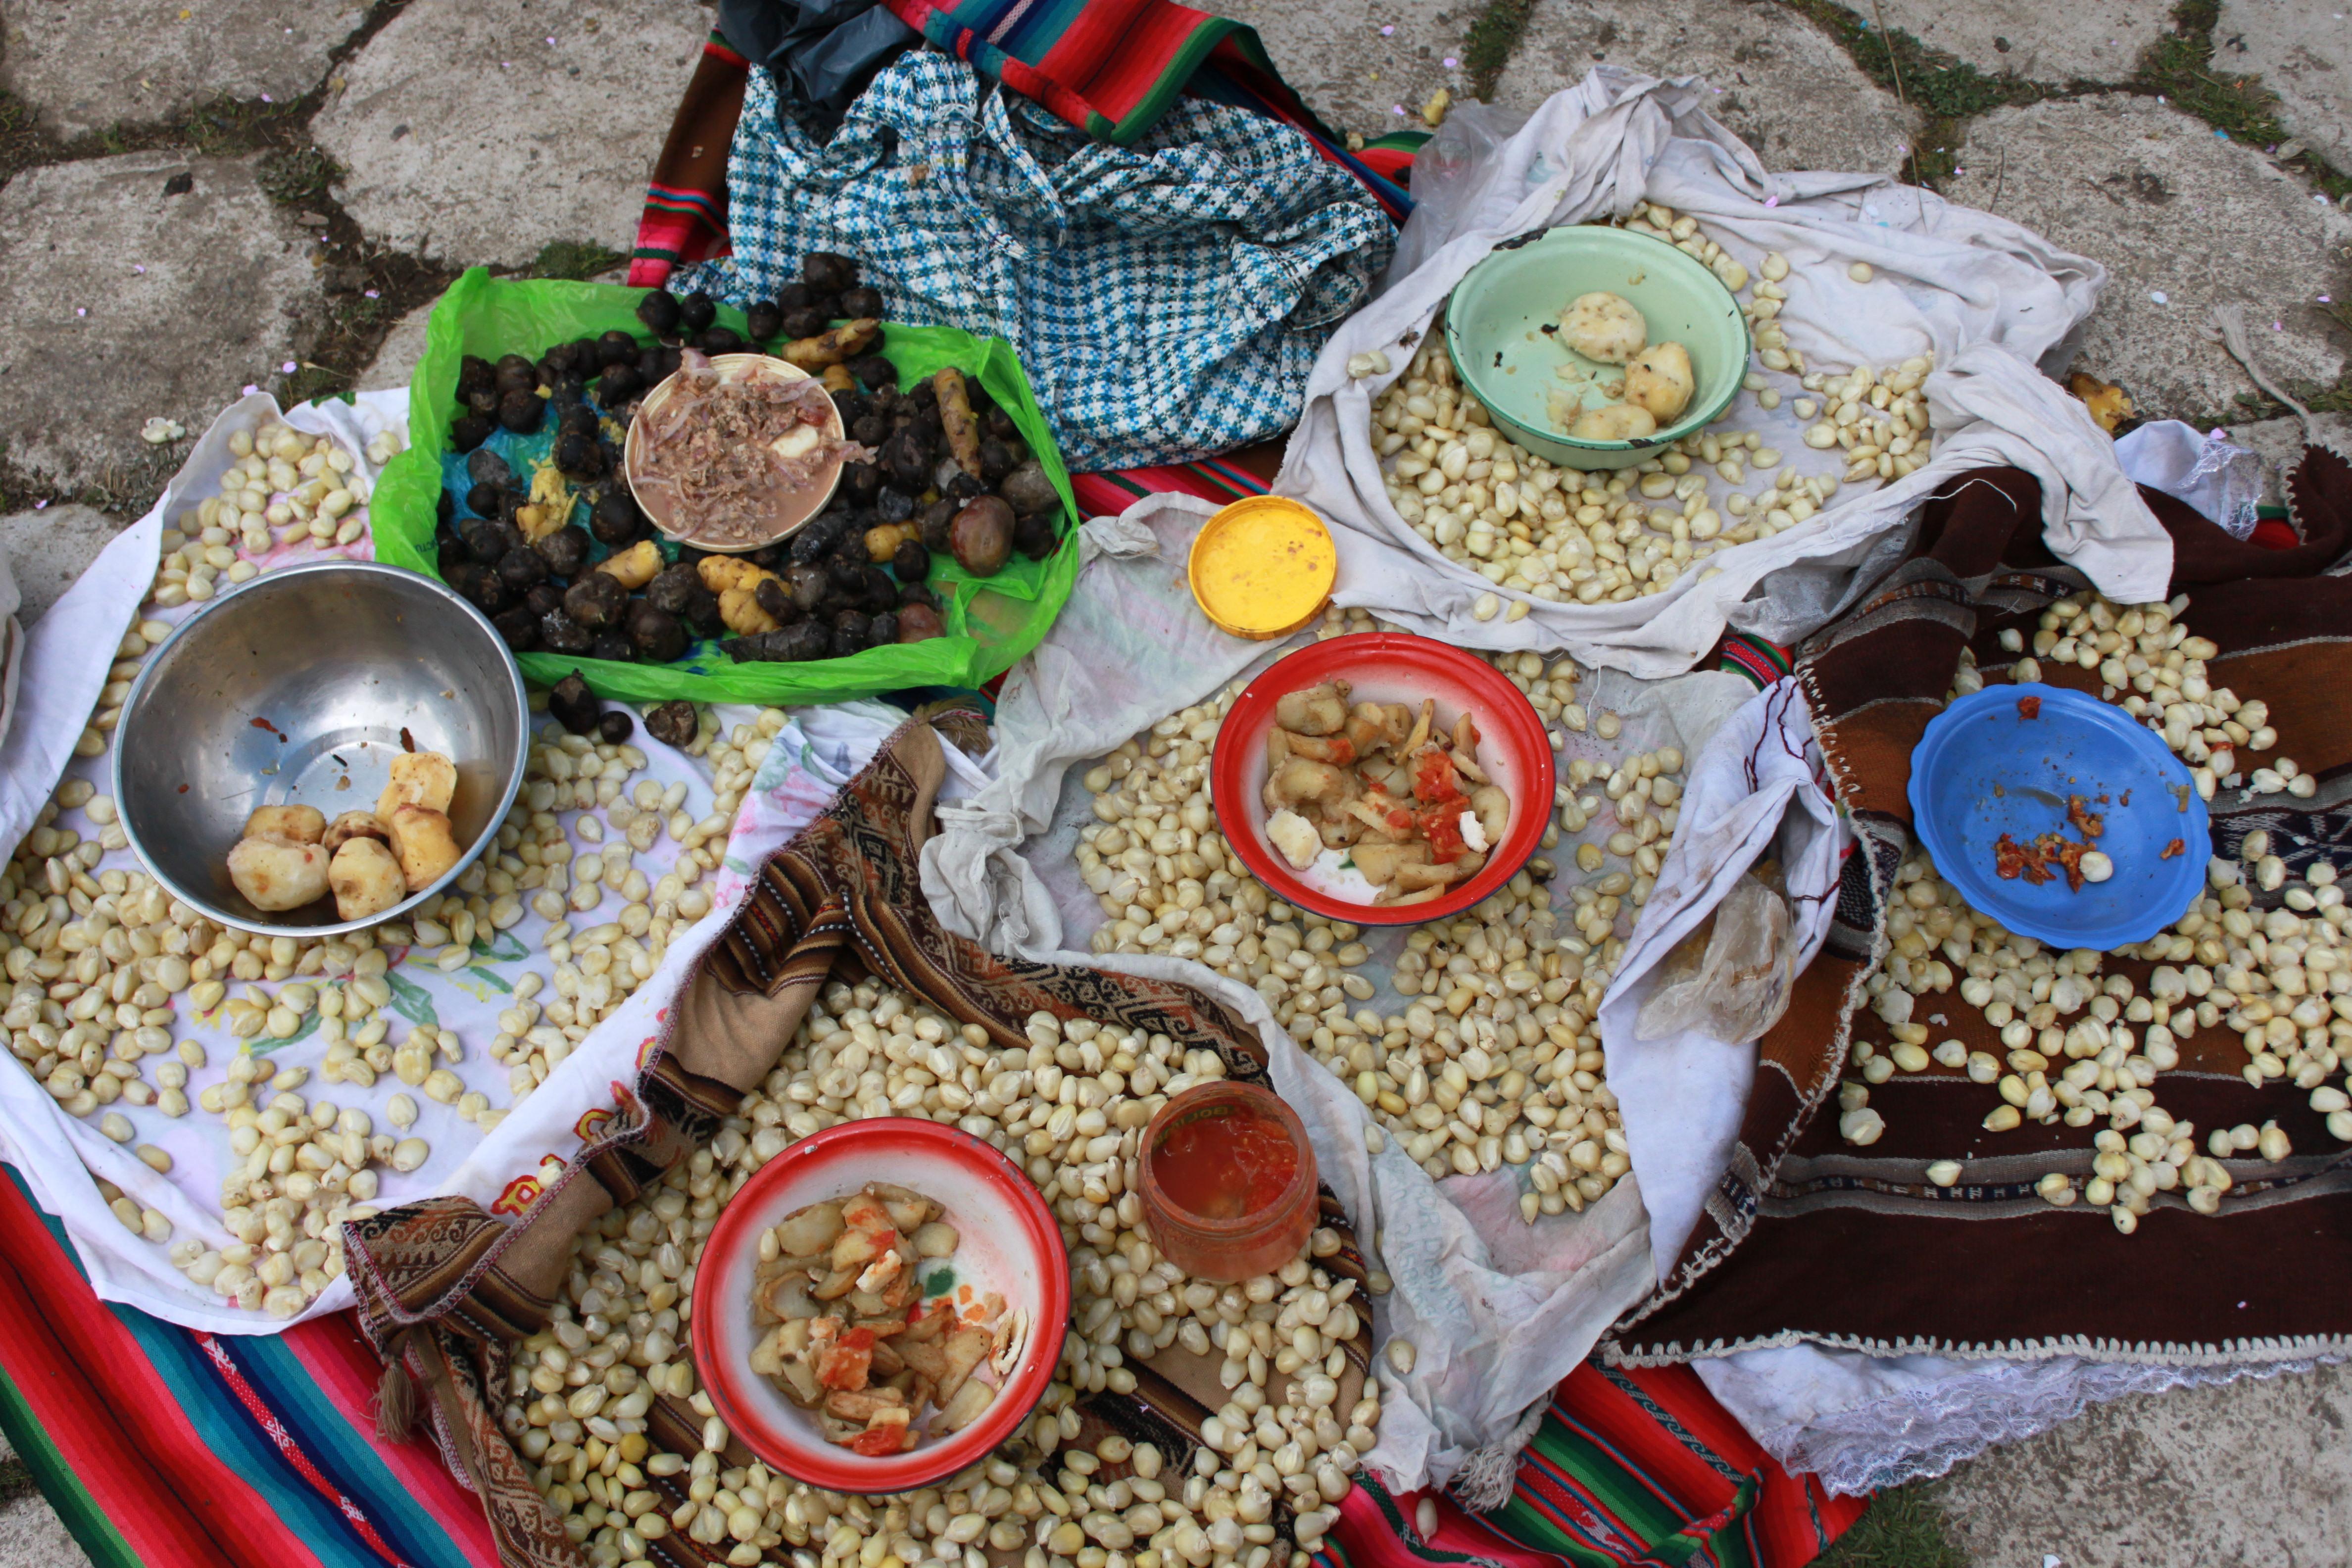 Latinrama bolivienperu mehr geld mehr hunger bolivienperu mehr geld mehr hunger thecheapjerseys Images